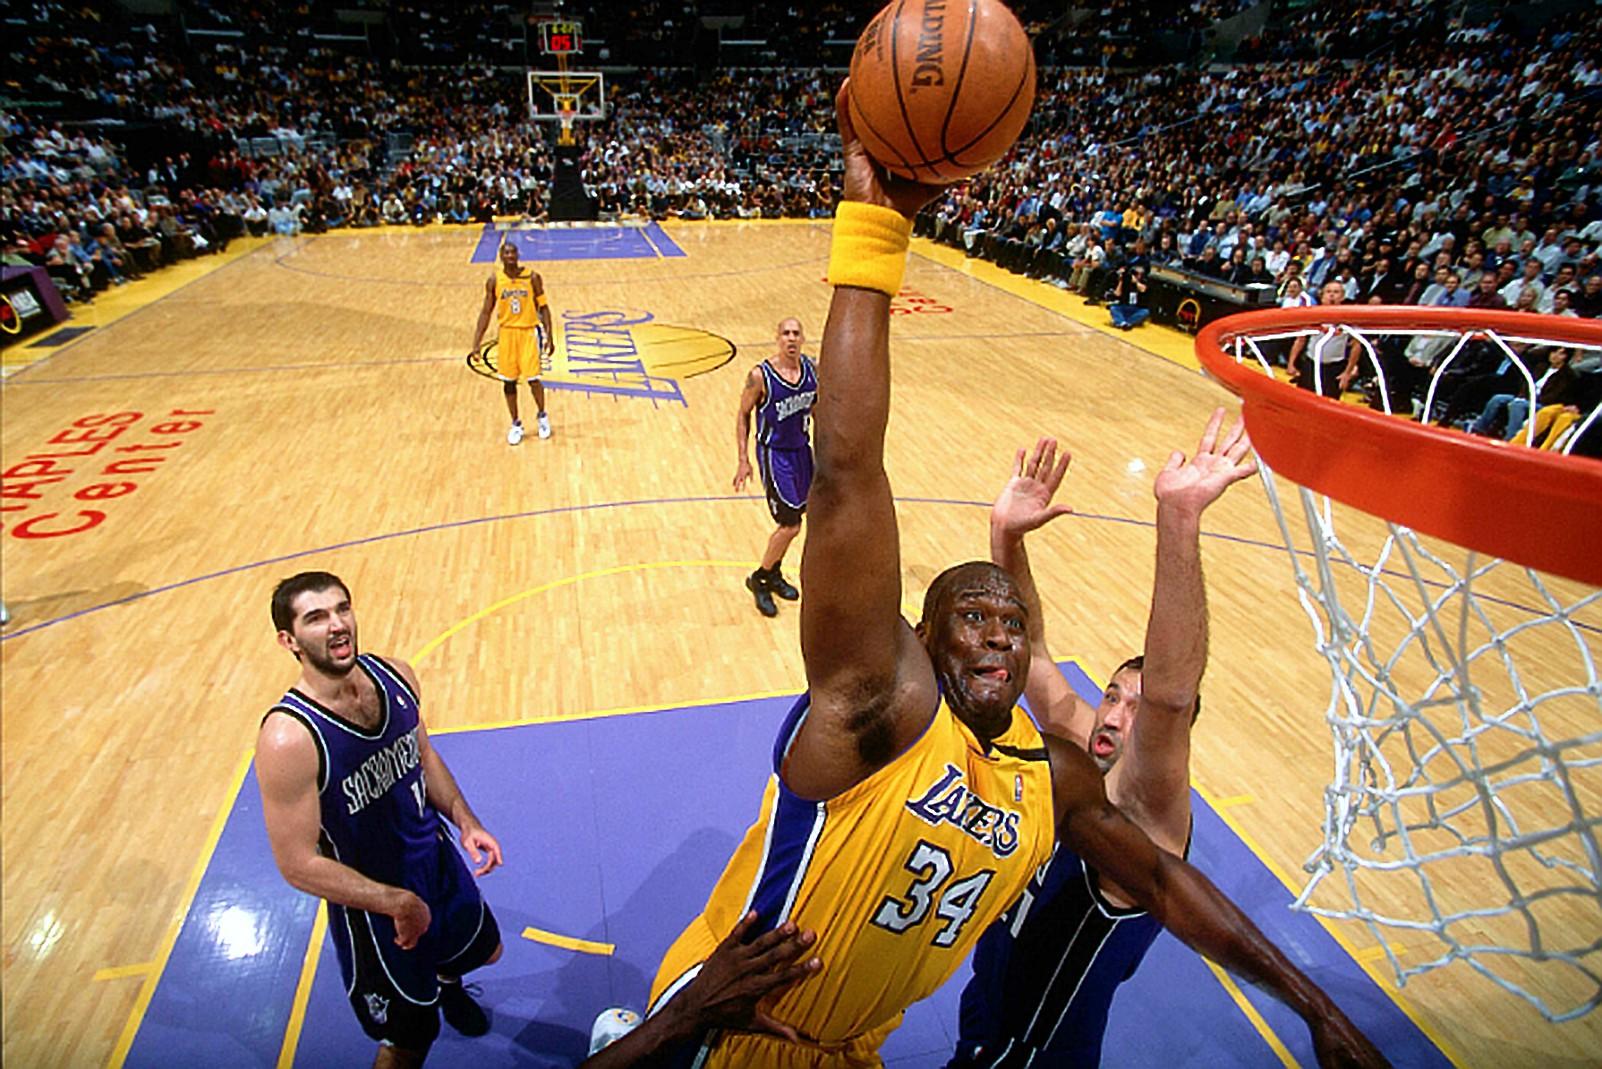 Nghe nhiếp ảnh gia huyền thoại của LA Lakers nói về khoảnh khắc bị Shaquille ONeal đè lên người  - Ảnh 3.